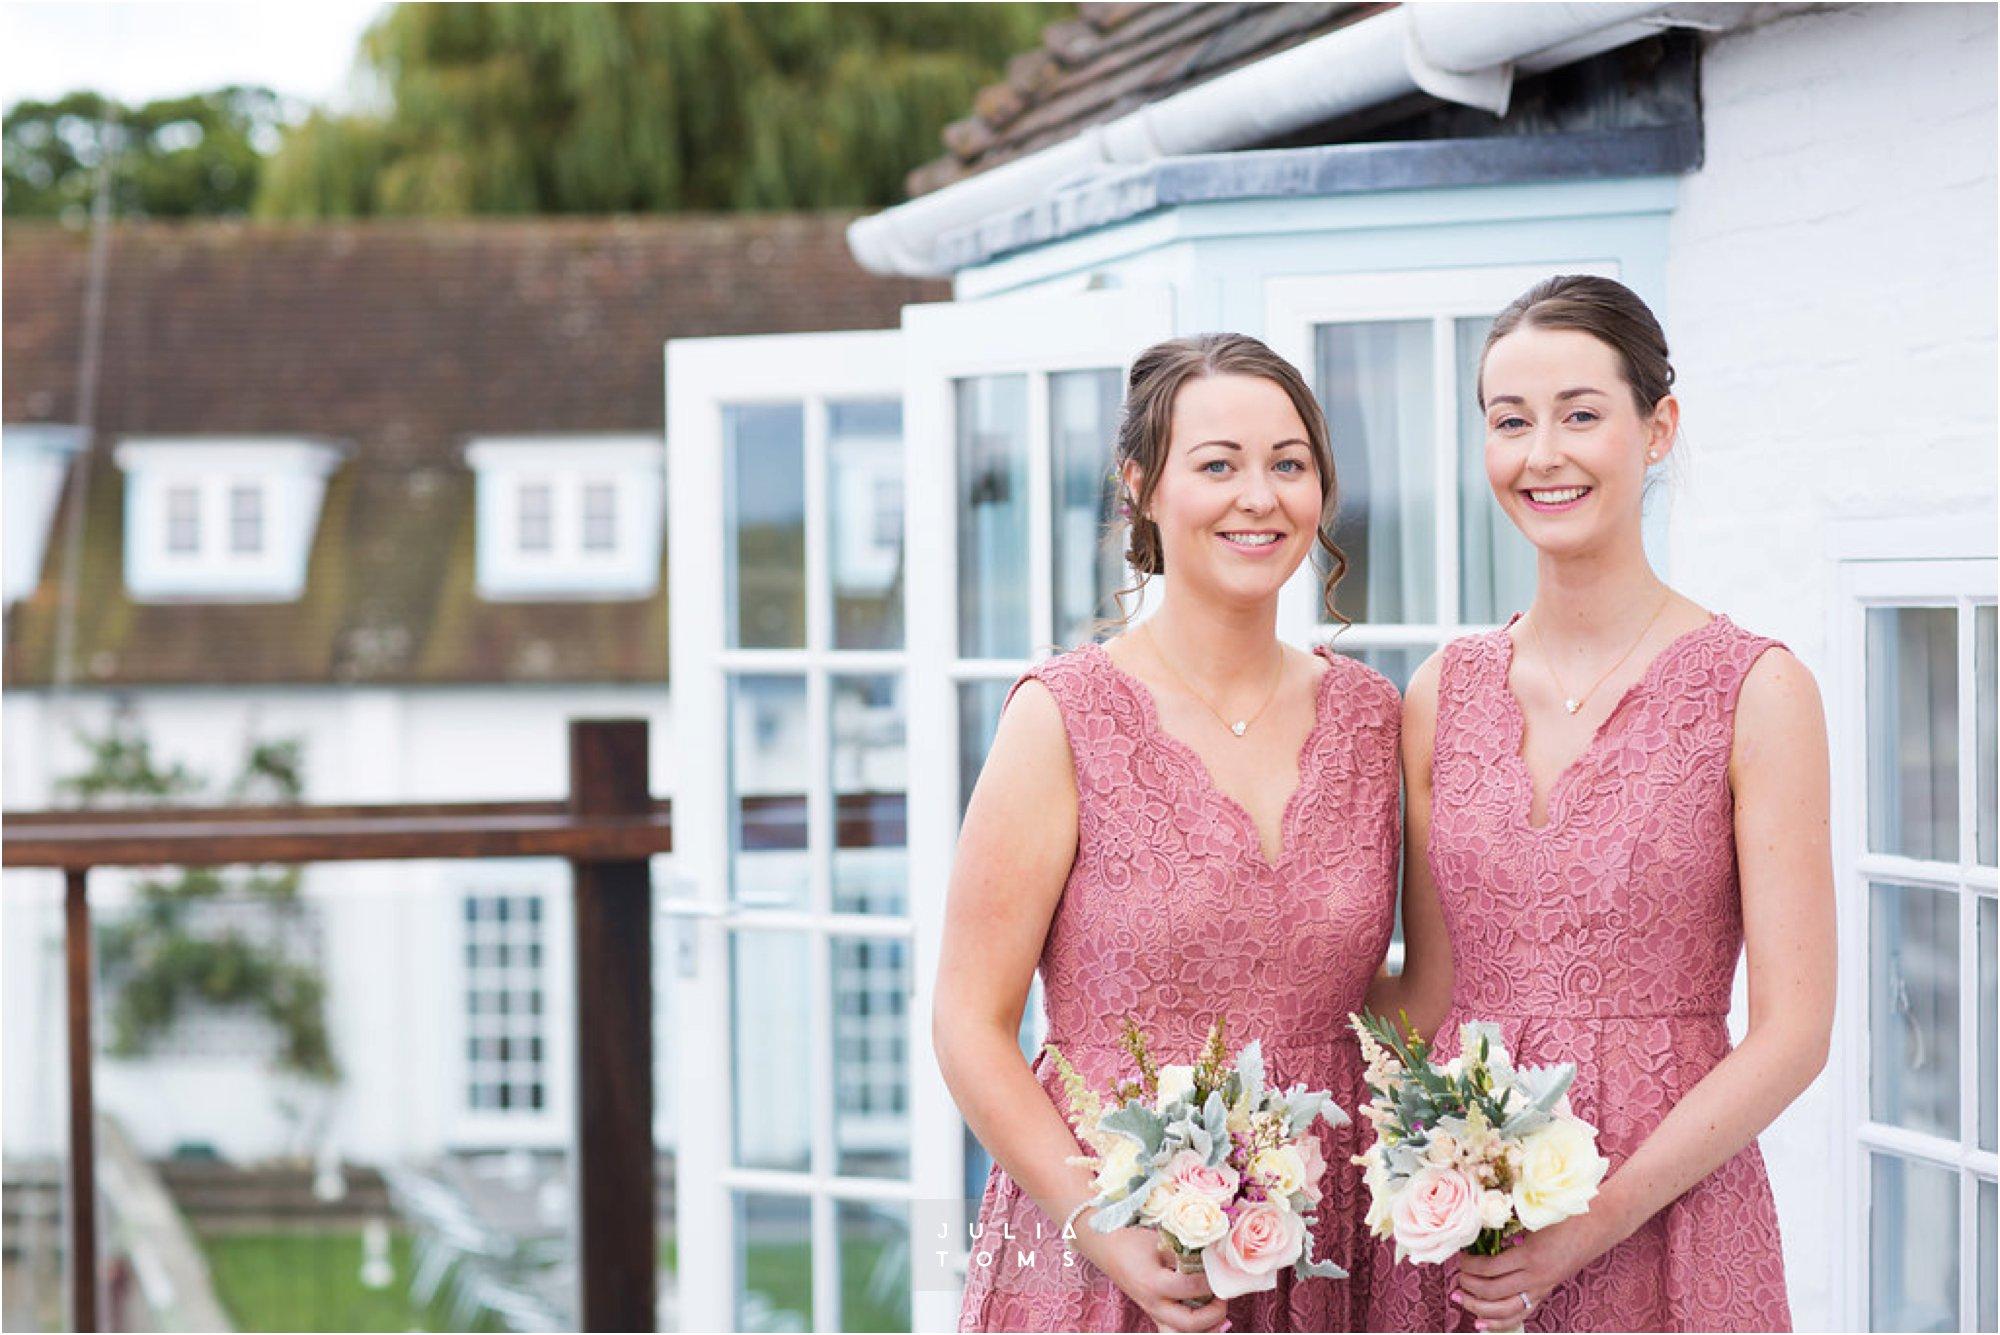 itchenor_wedding_chichester_photographer_012.jpg